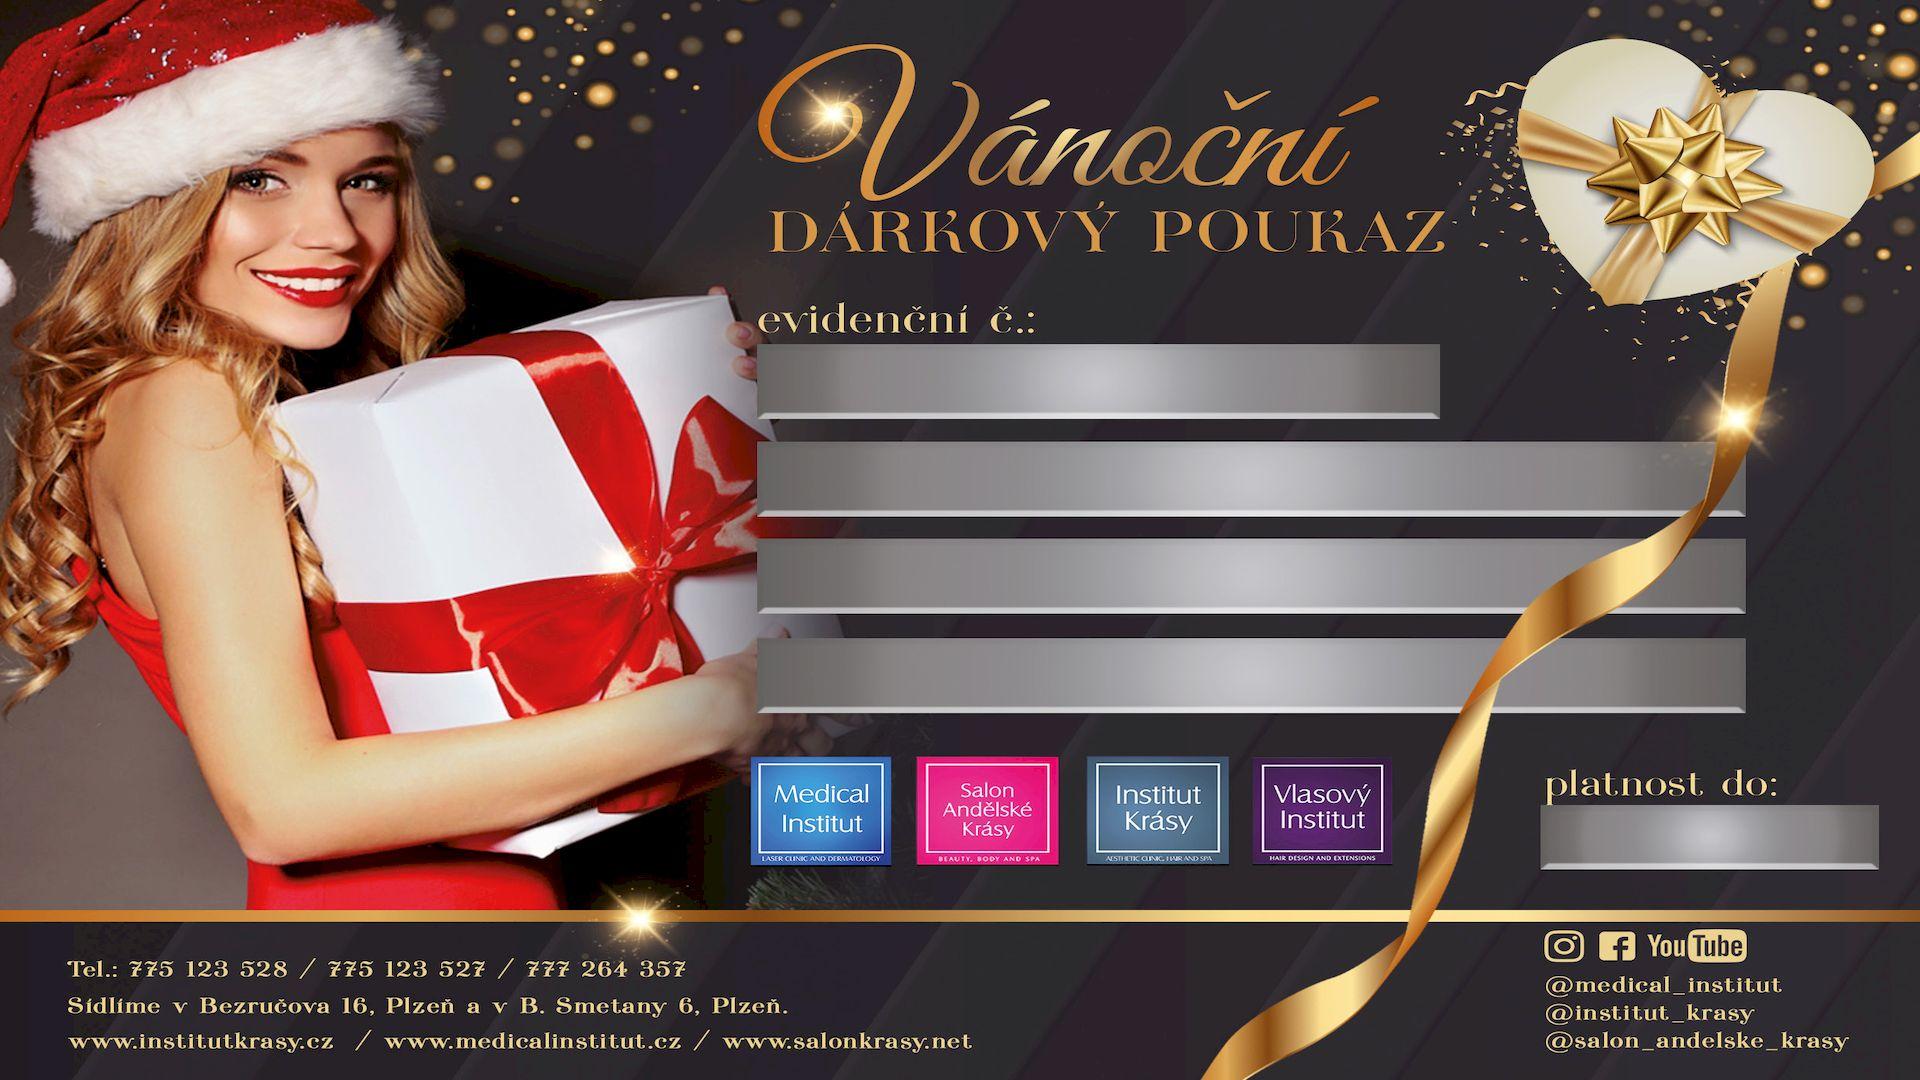 Prodej vánočních dárkových poukazů